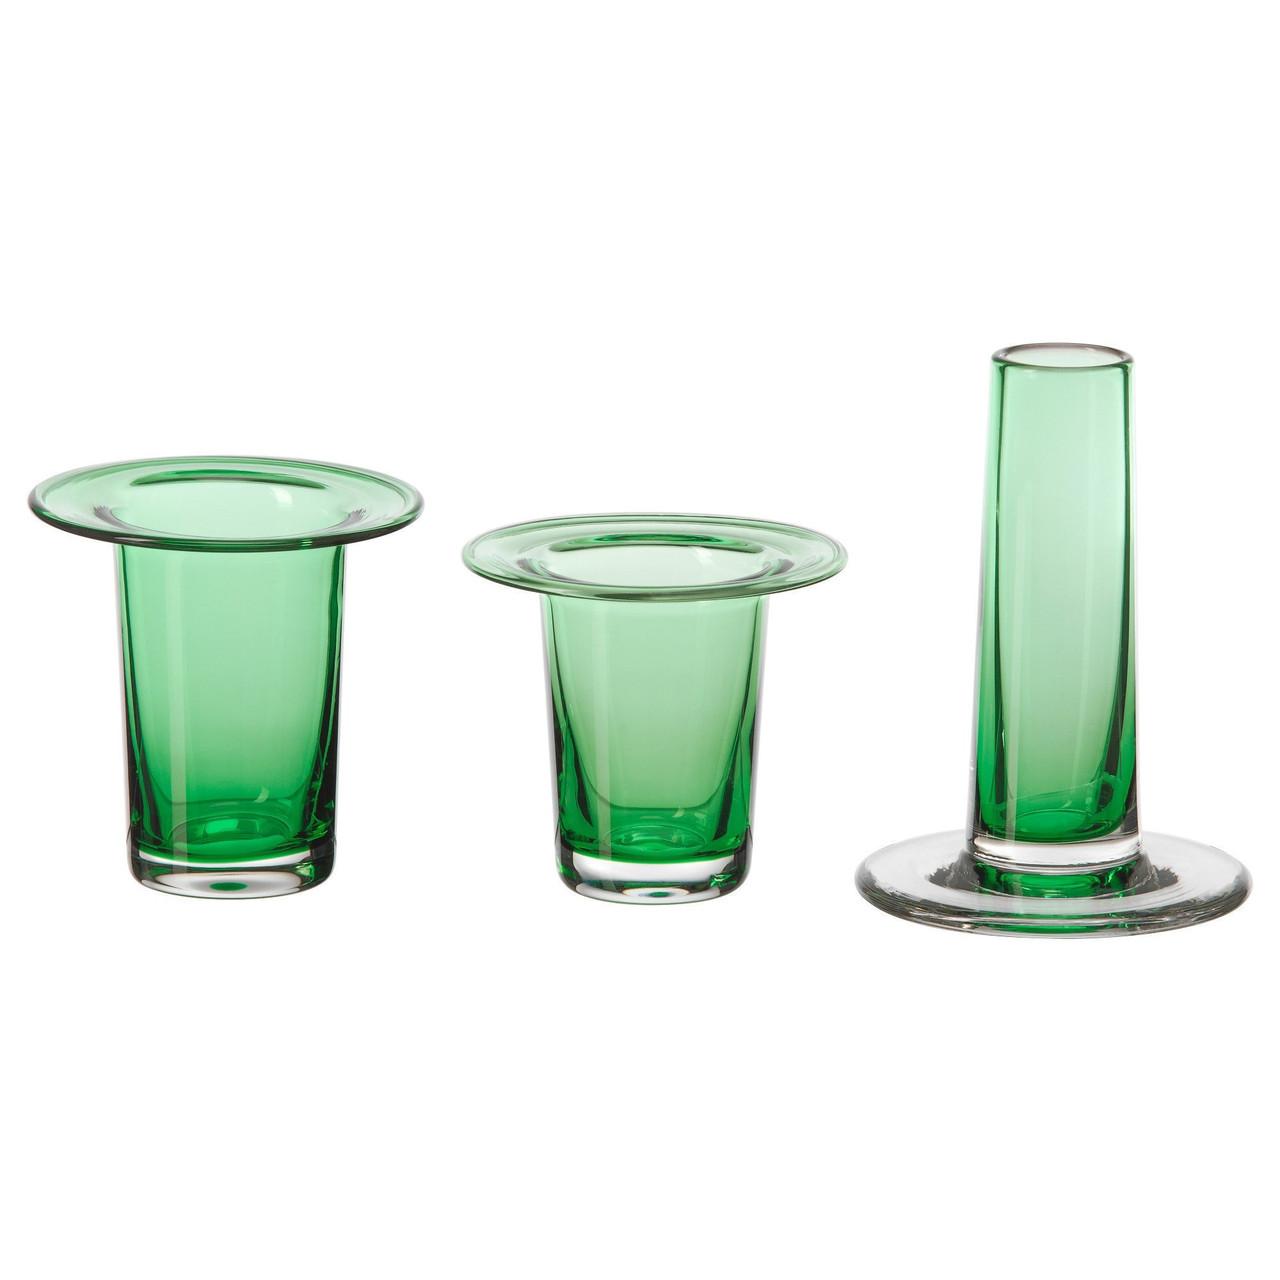 АНВЭНДБАР Ваза, 3 шт., зеленый, 10329997, ИКЕА, IKEA, ANVÄNDBAR